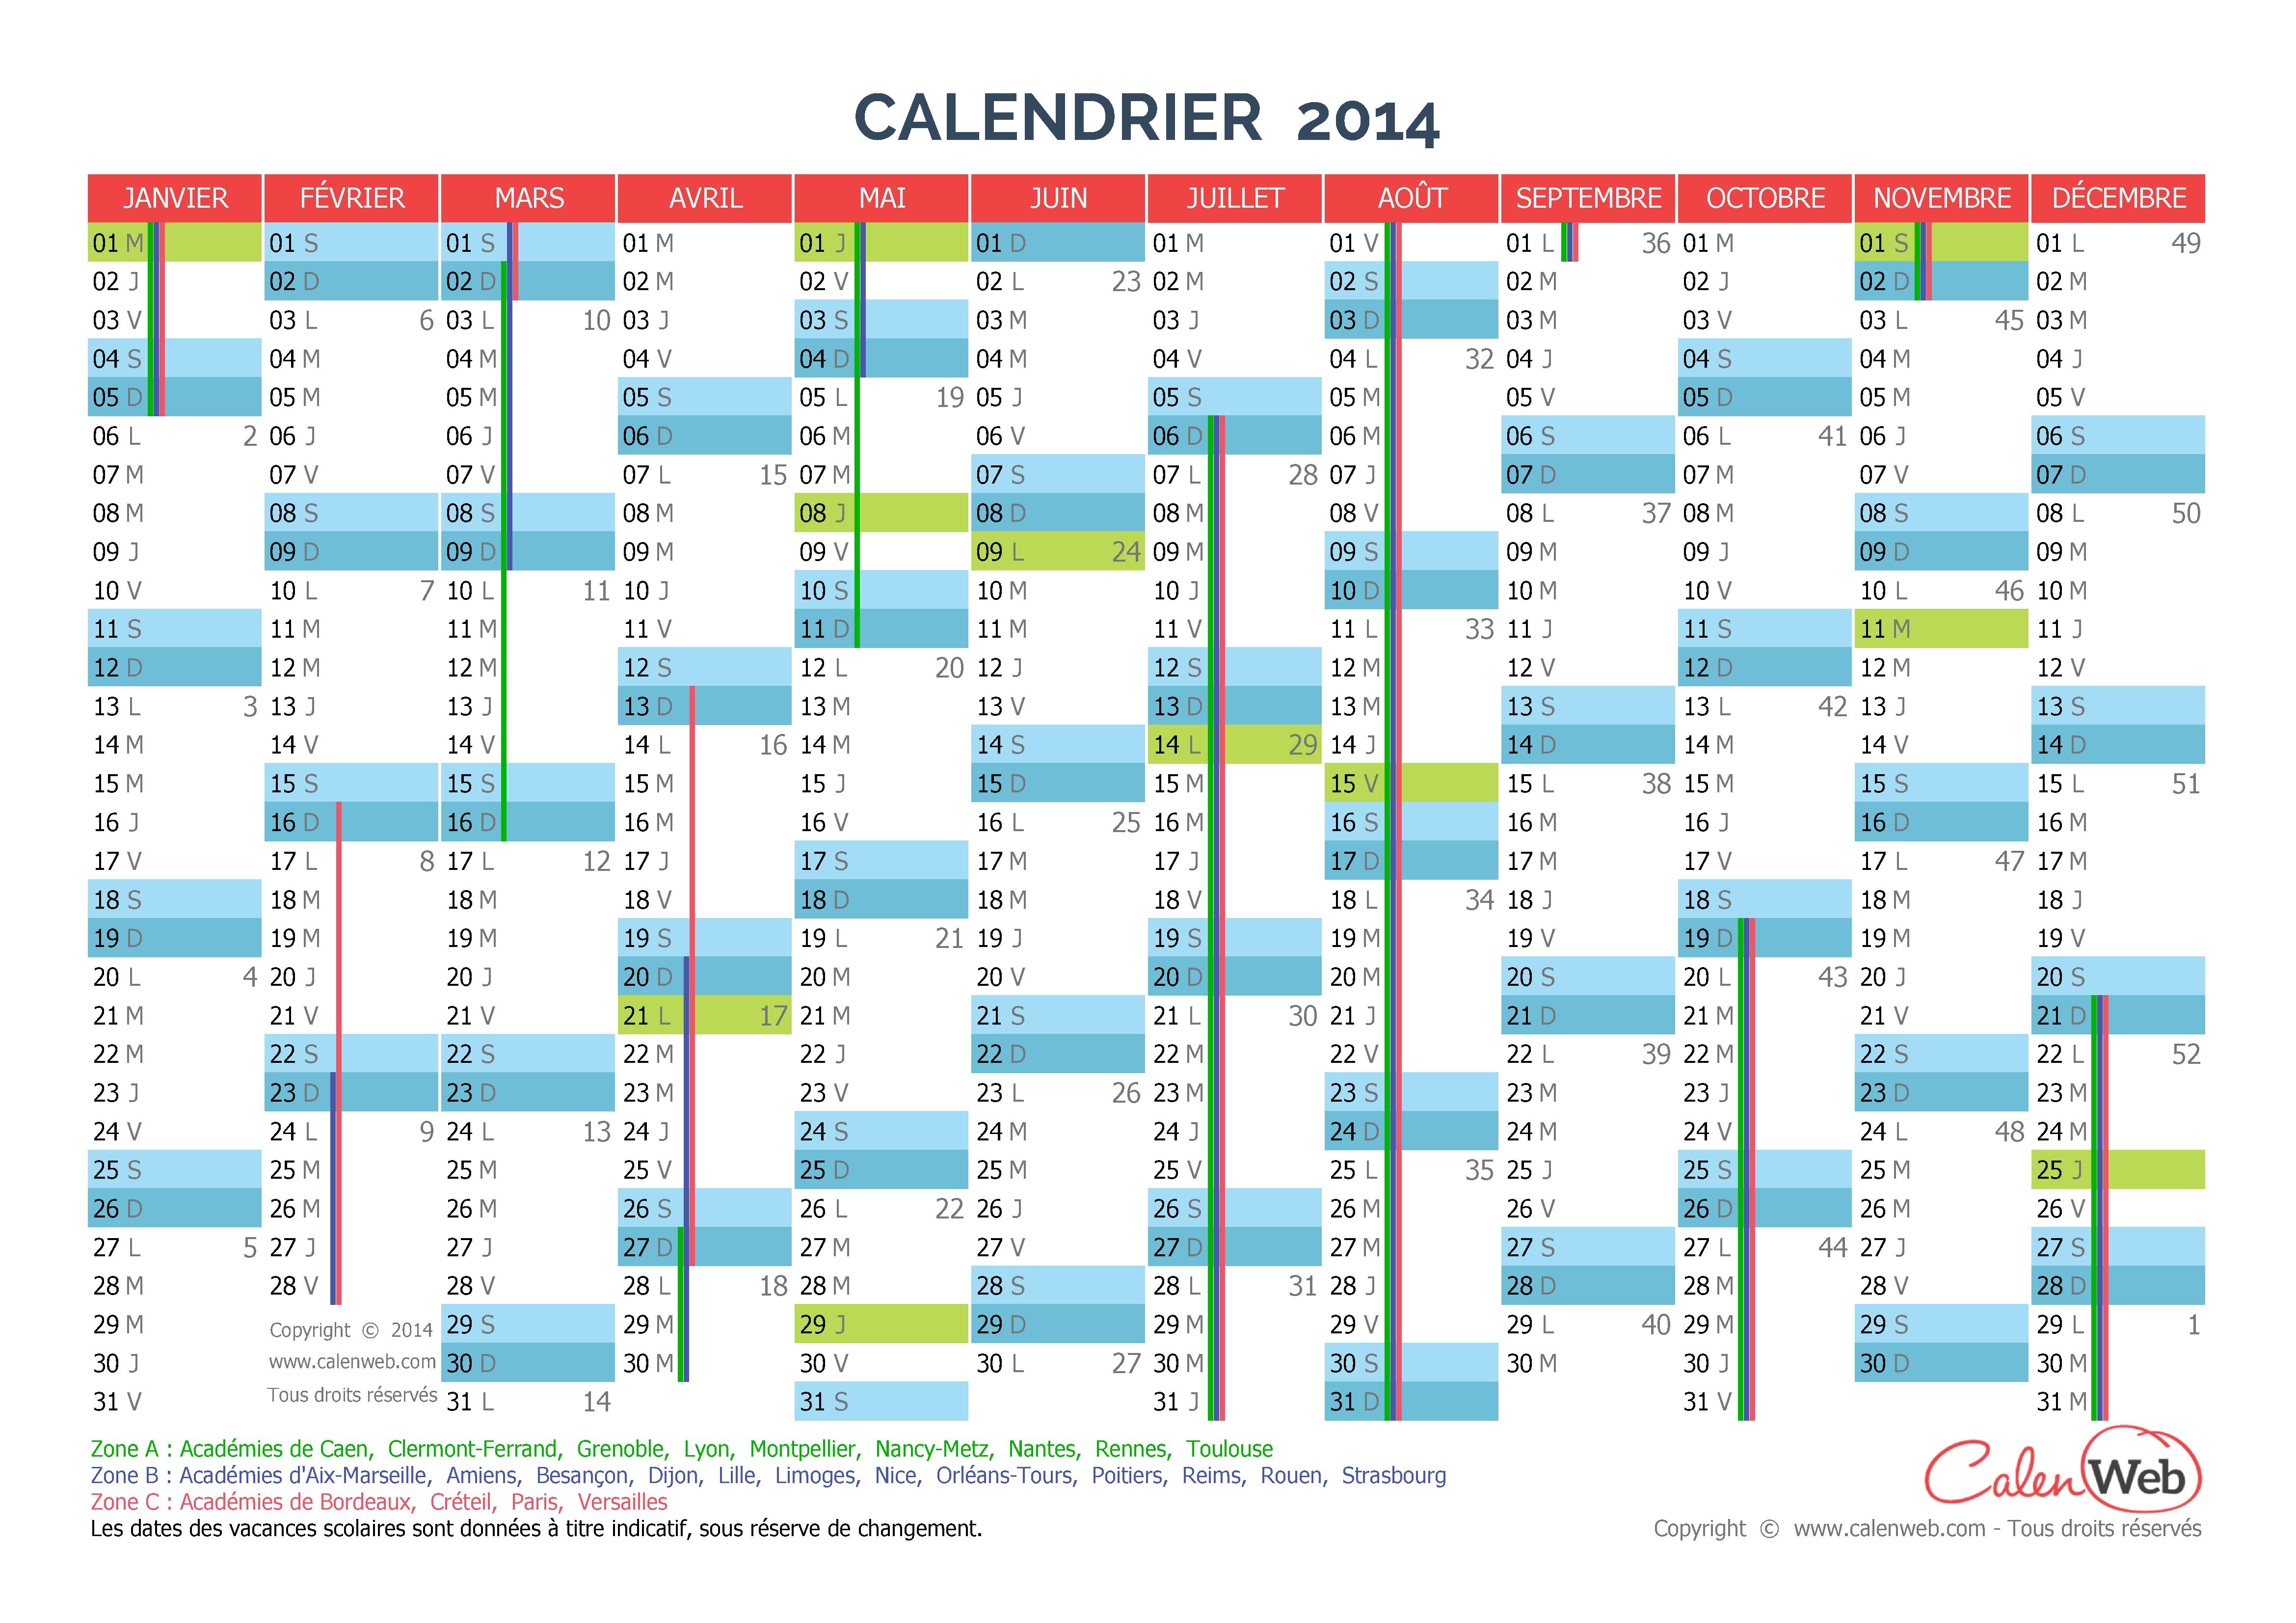 calendrier annuel ann e 2014 avec jours f ri s et vacances scolaires. Black Bedroom Furniture Sets. Home Design Ideas